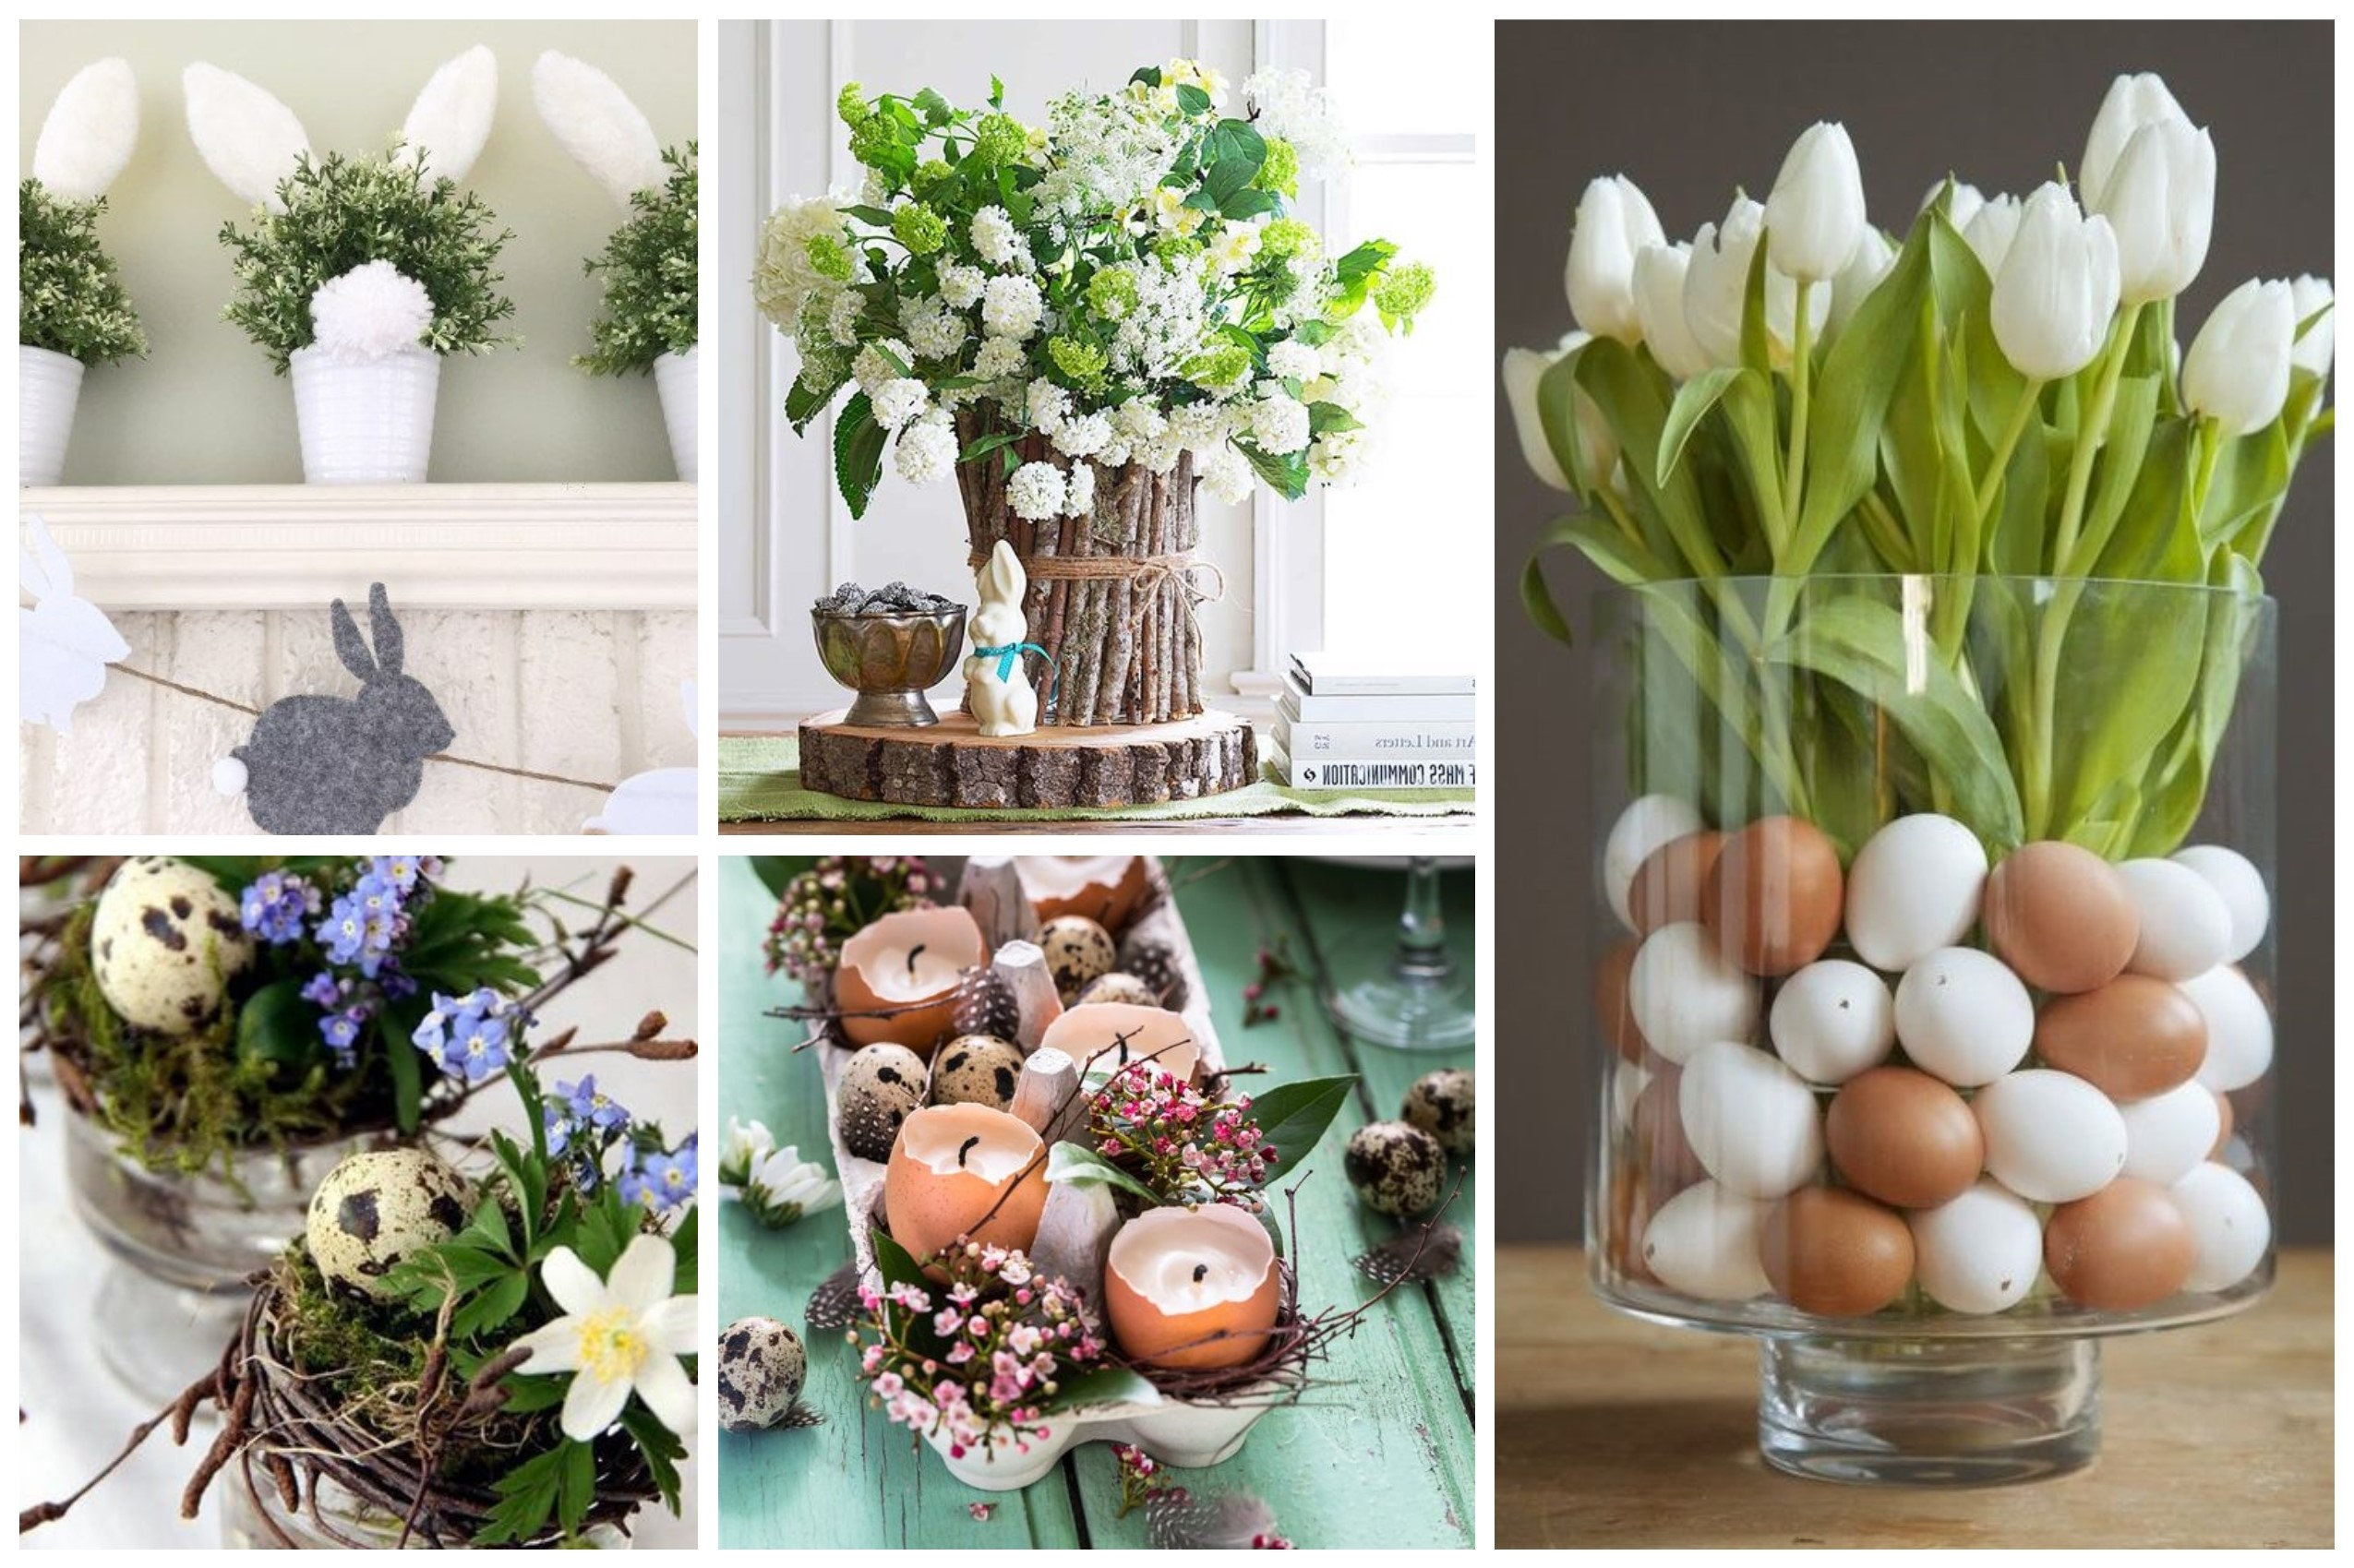 Déco de Pâques avec des fleurs.